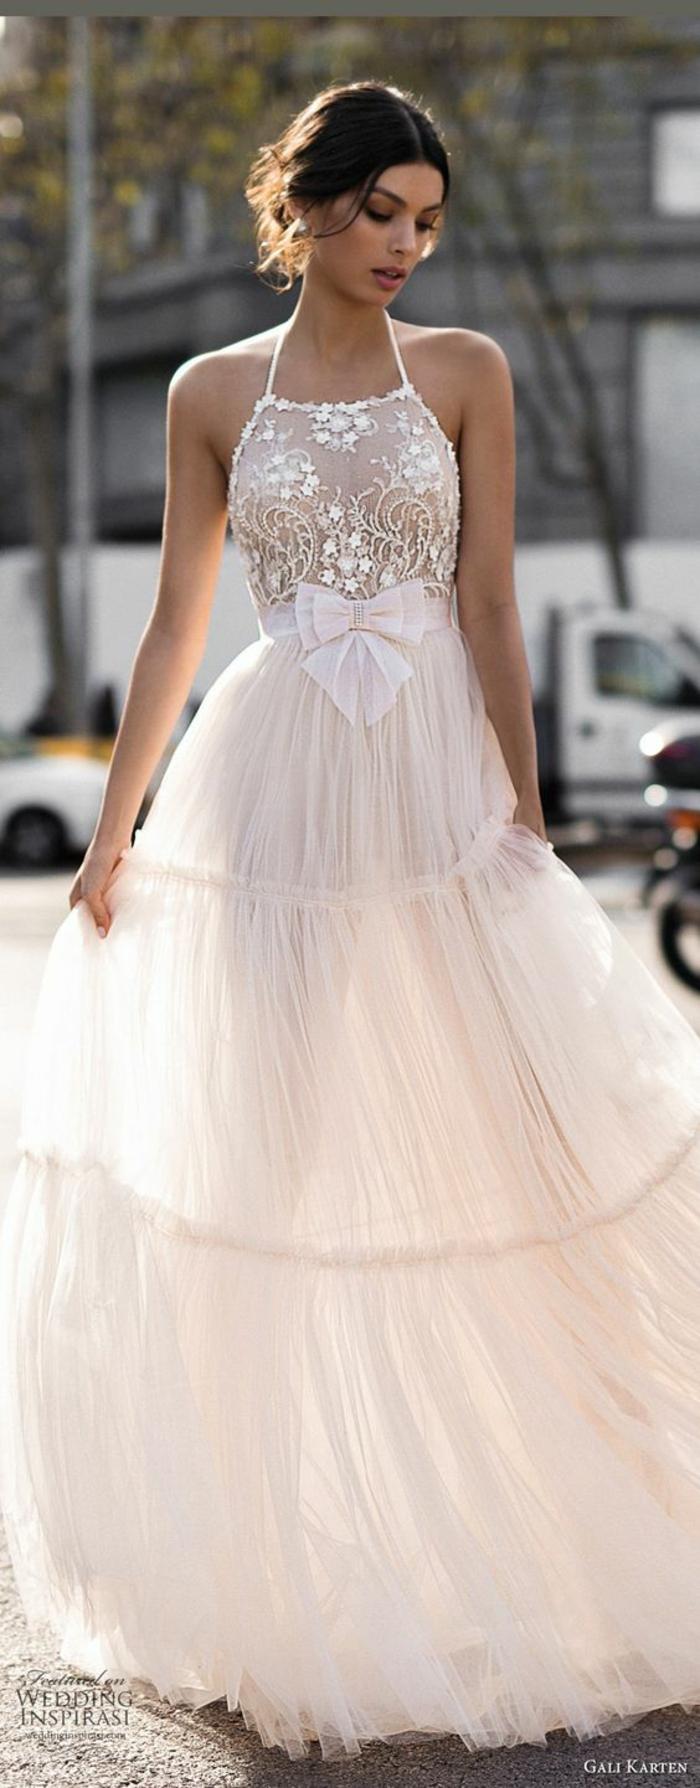 robe boheme longue avec des volants, bretelles fines, robe champetre chic, tenue boheme chic, vetement boheme romantique